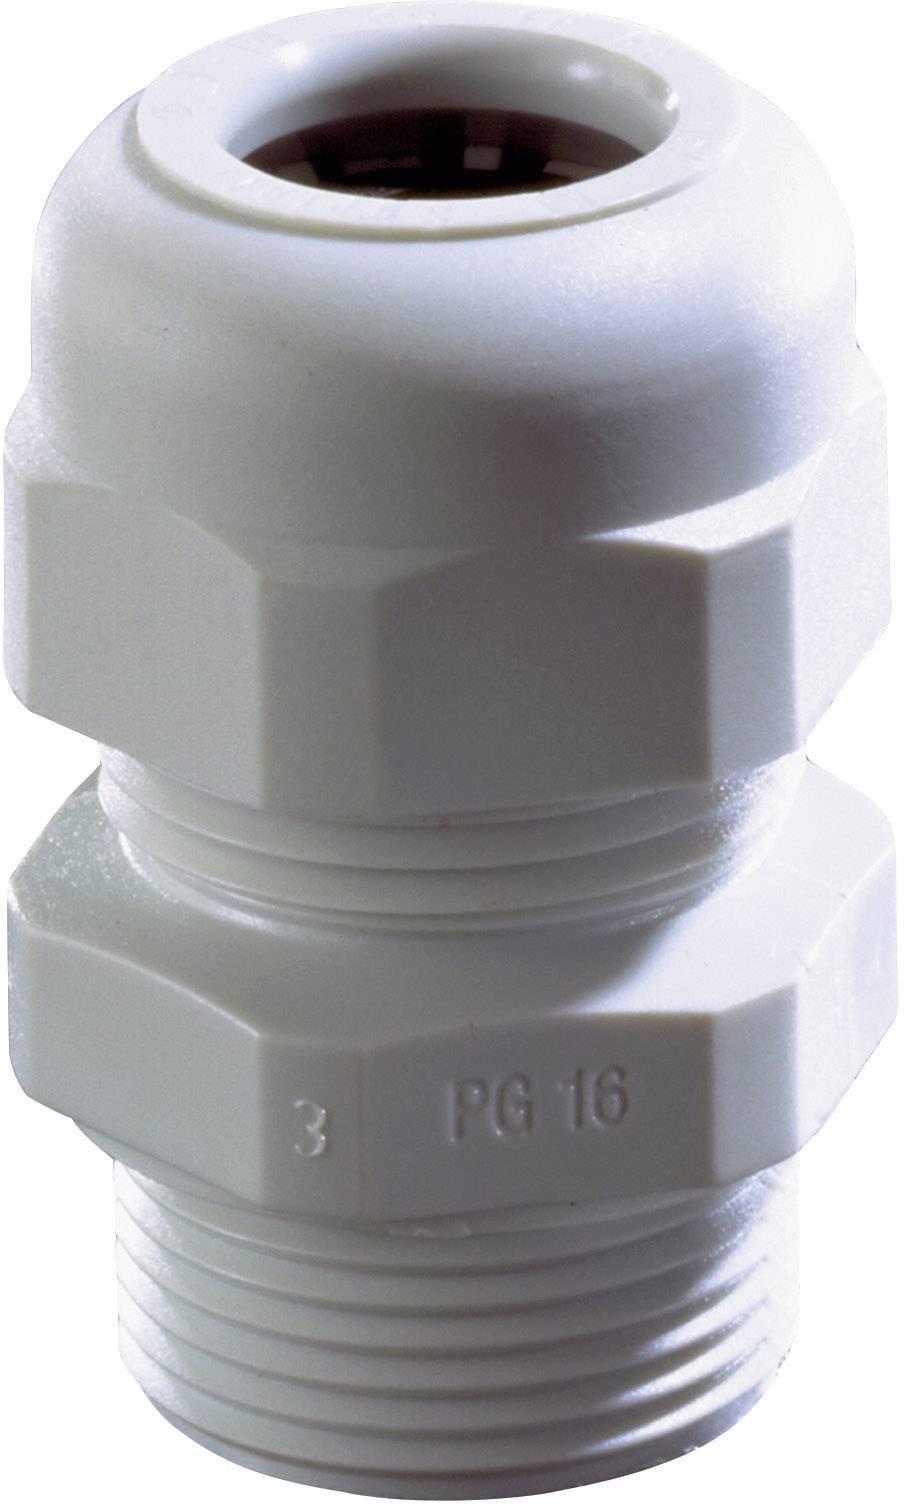 Káblová priechodka Wiska SKV PG 16 RAL 9005, polyamid, čierna, 1 ks